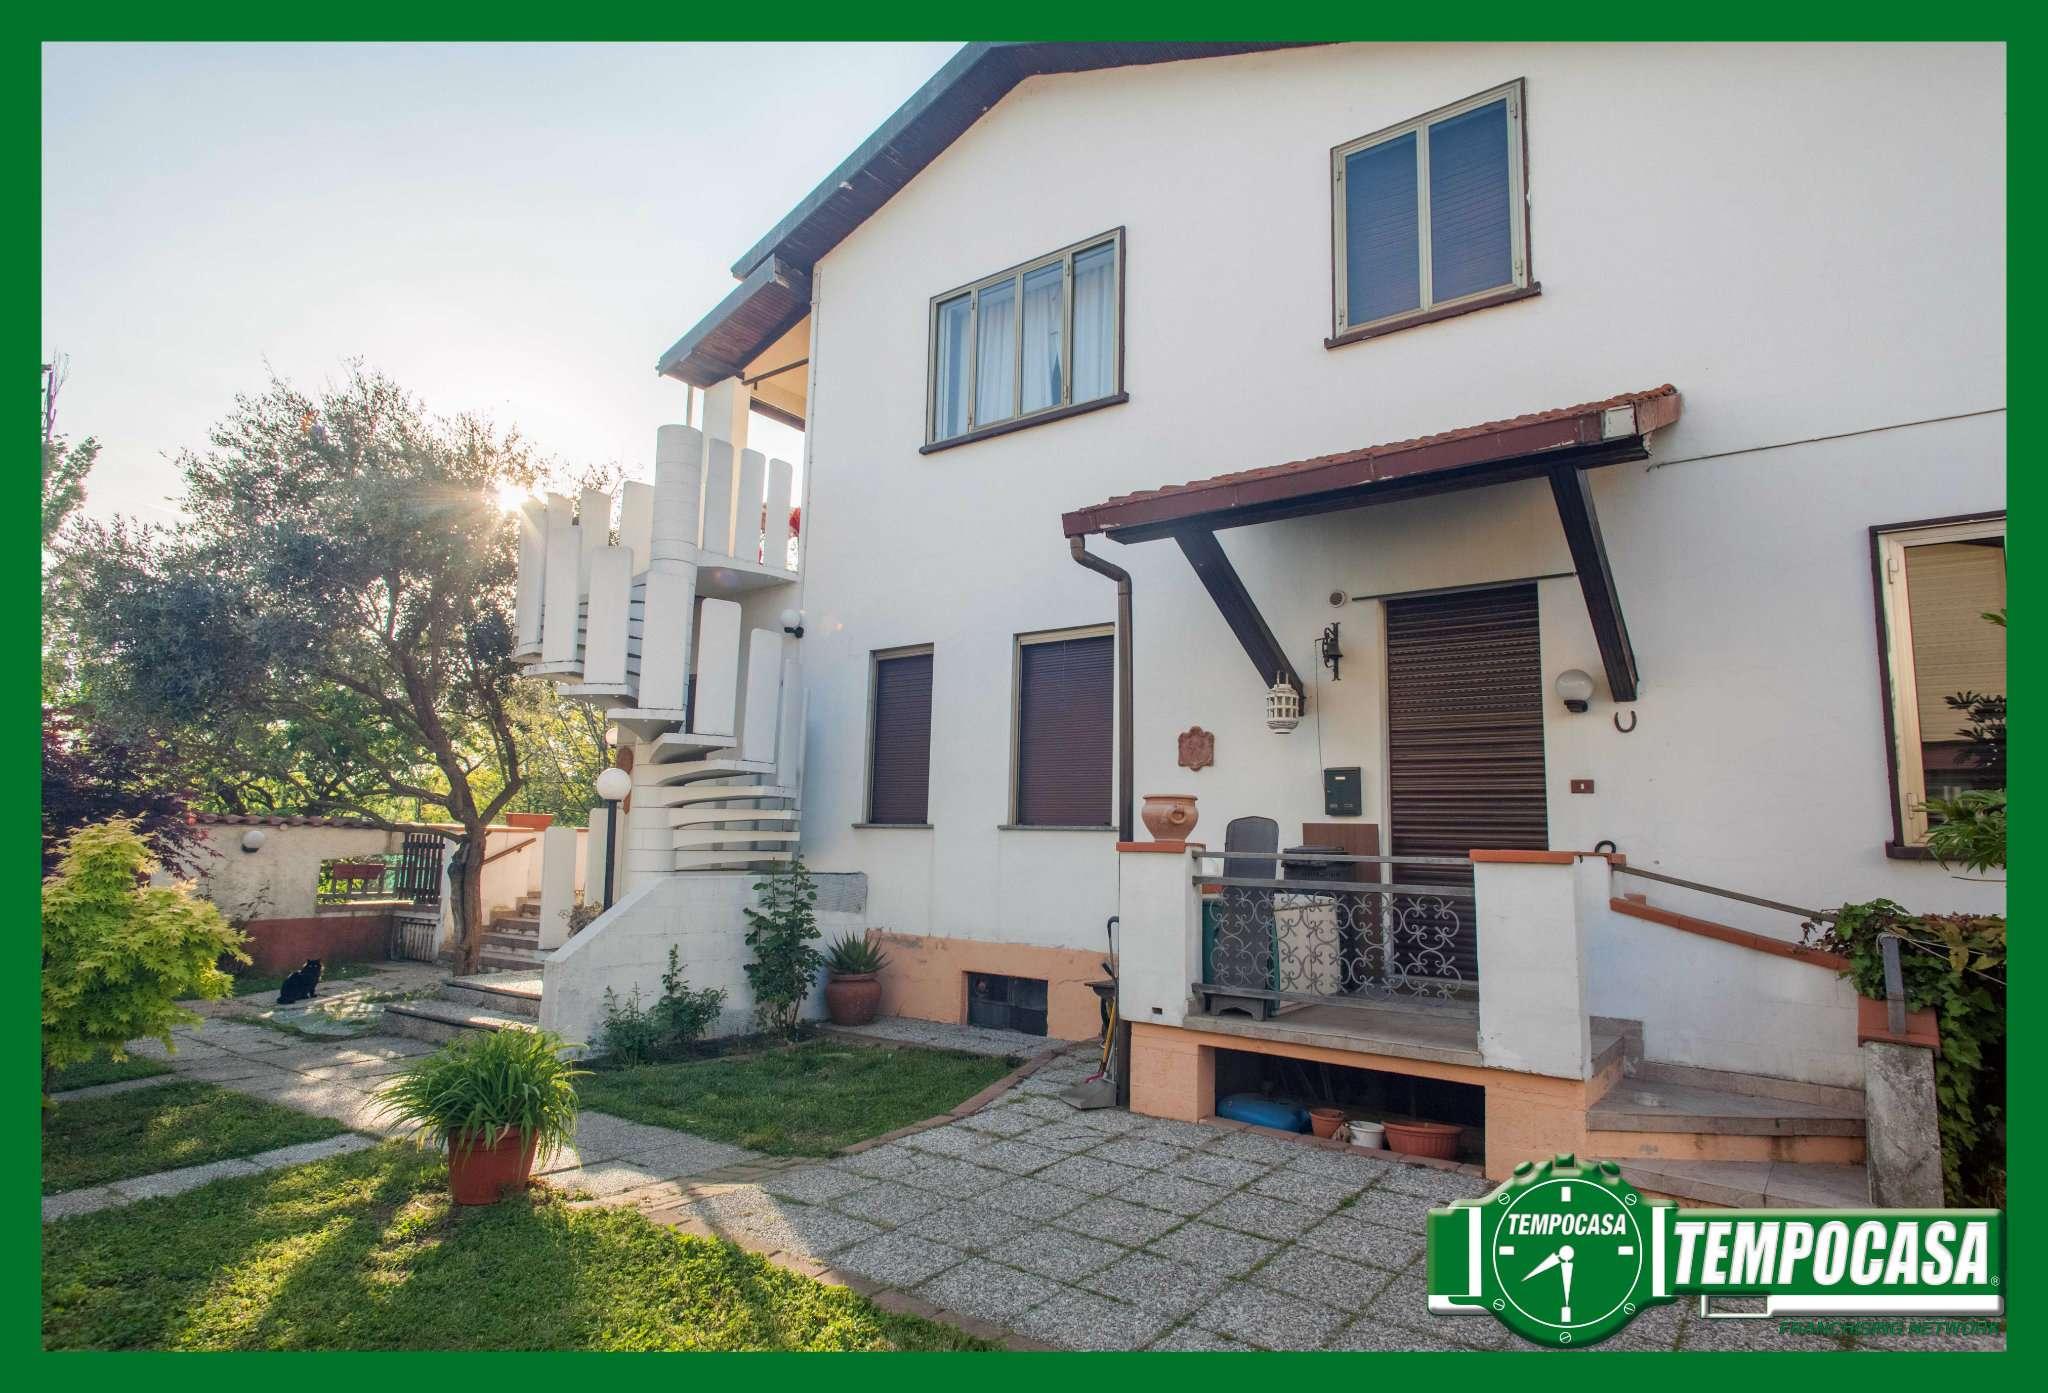 Soluzione Indipendente in vendita a Cassano Magnago, 3 locali, prezzo € 85.000 | Cambio Casa.it